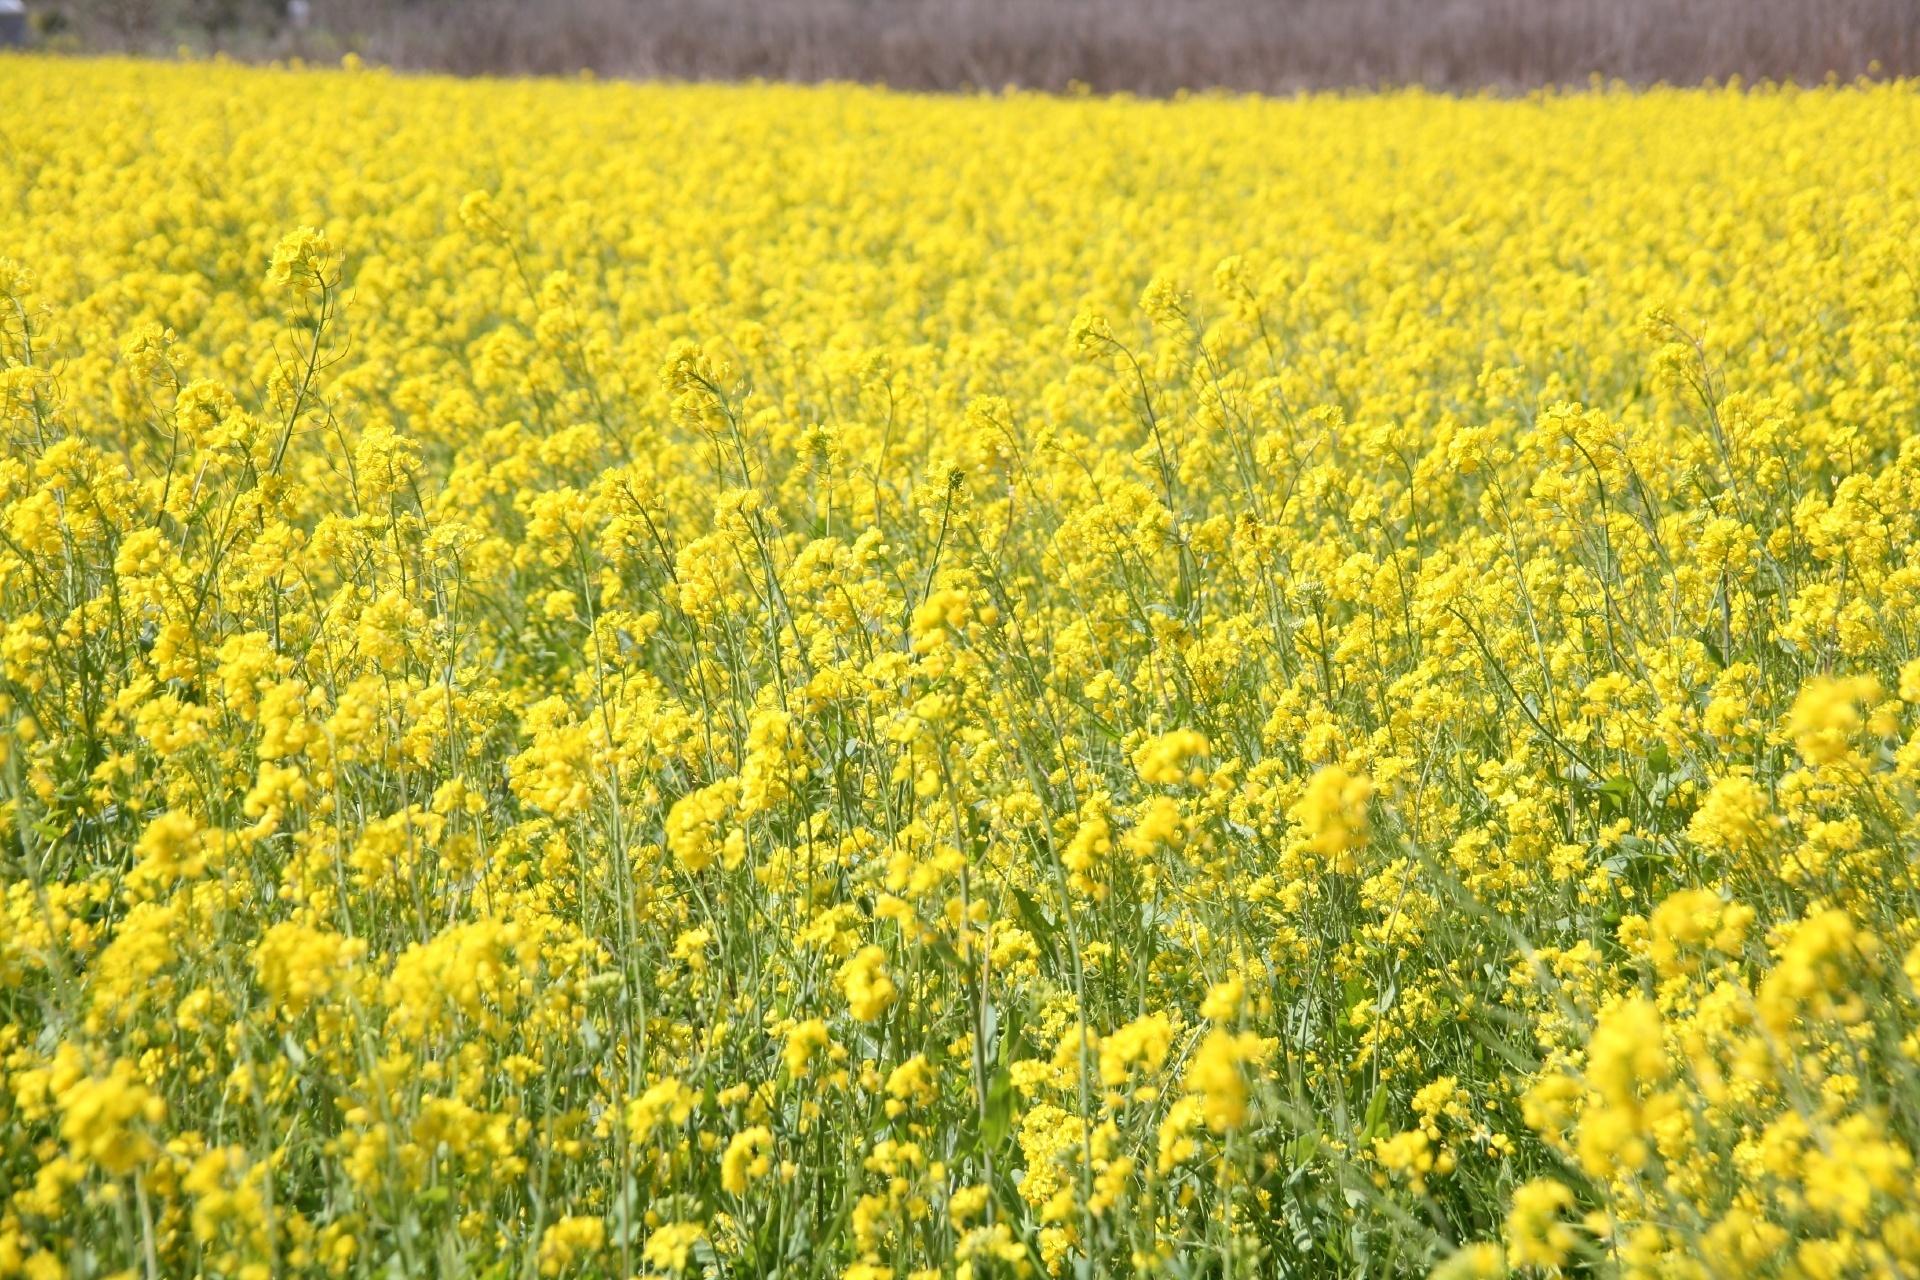 知る人ぞ知る穴場の菜の花エリア 肱川左岸の五郎河川敷の菜の花